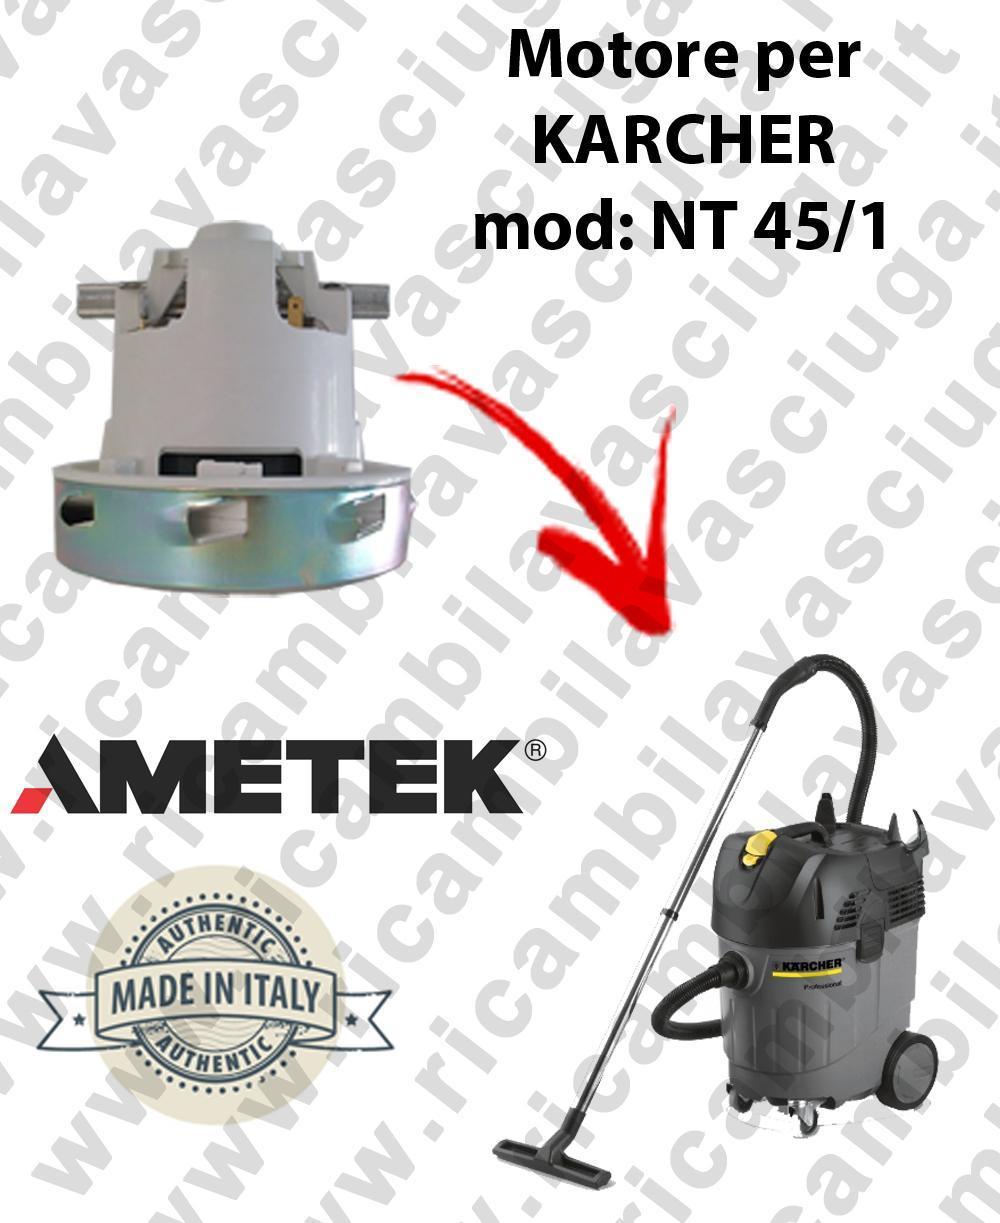 NT 45/1  Motore de aspiración AMETEK  para aspiradora KARCHER